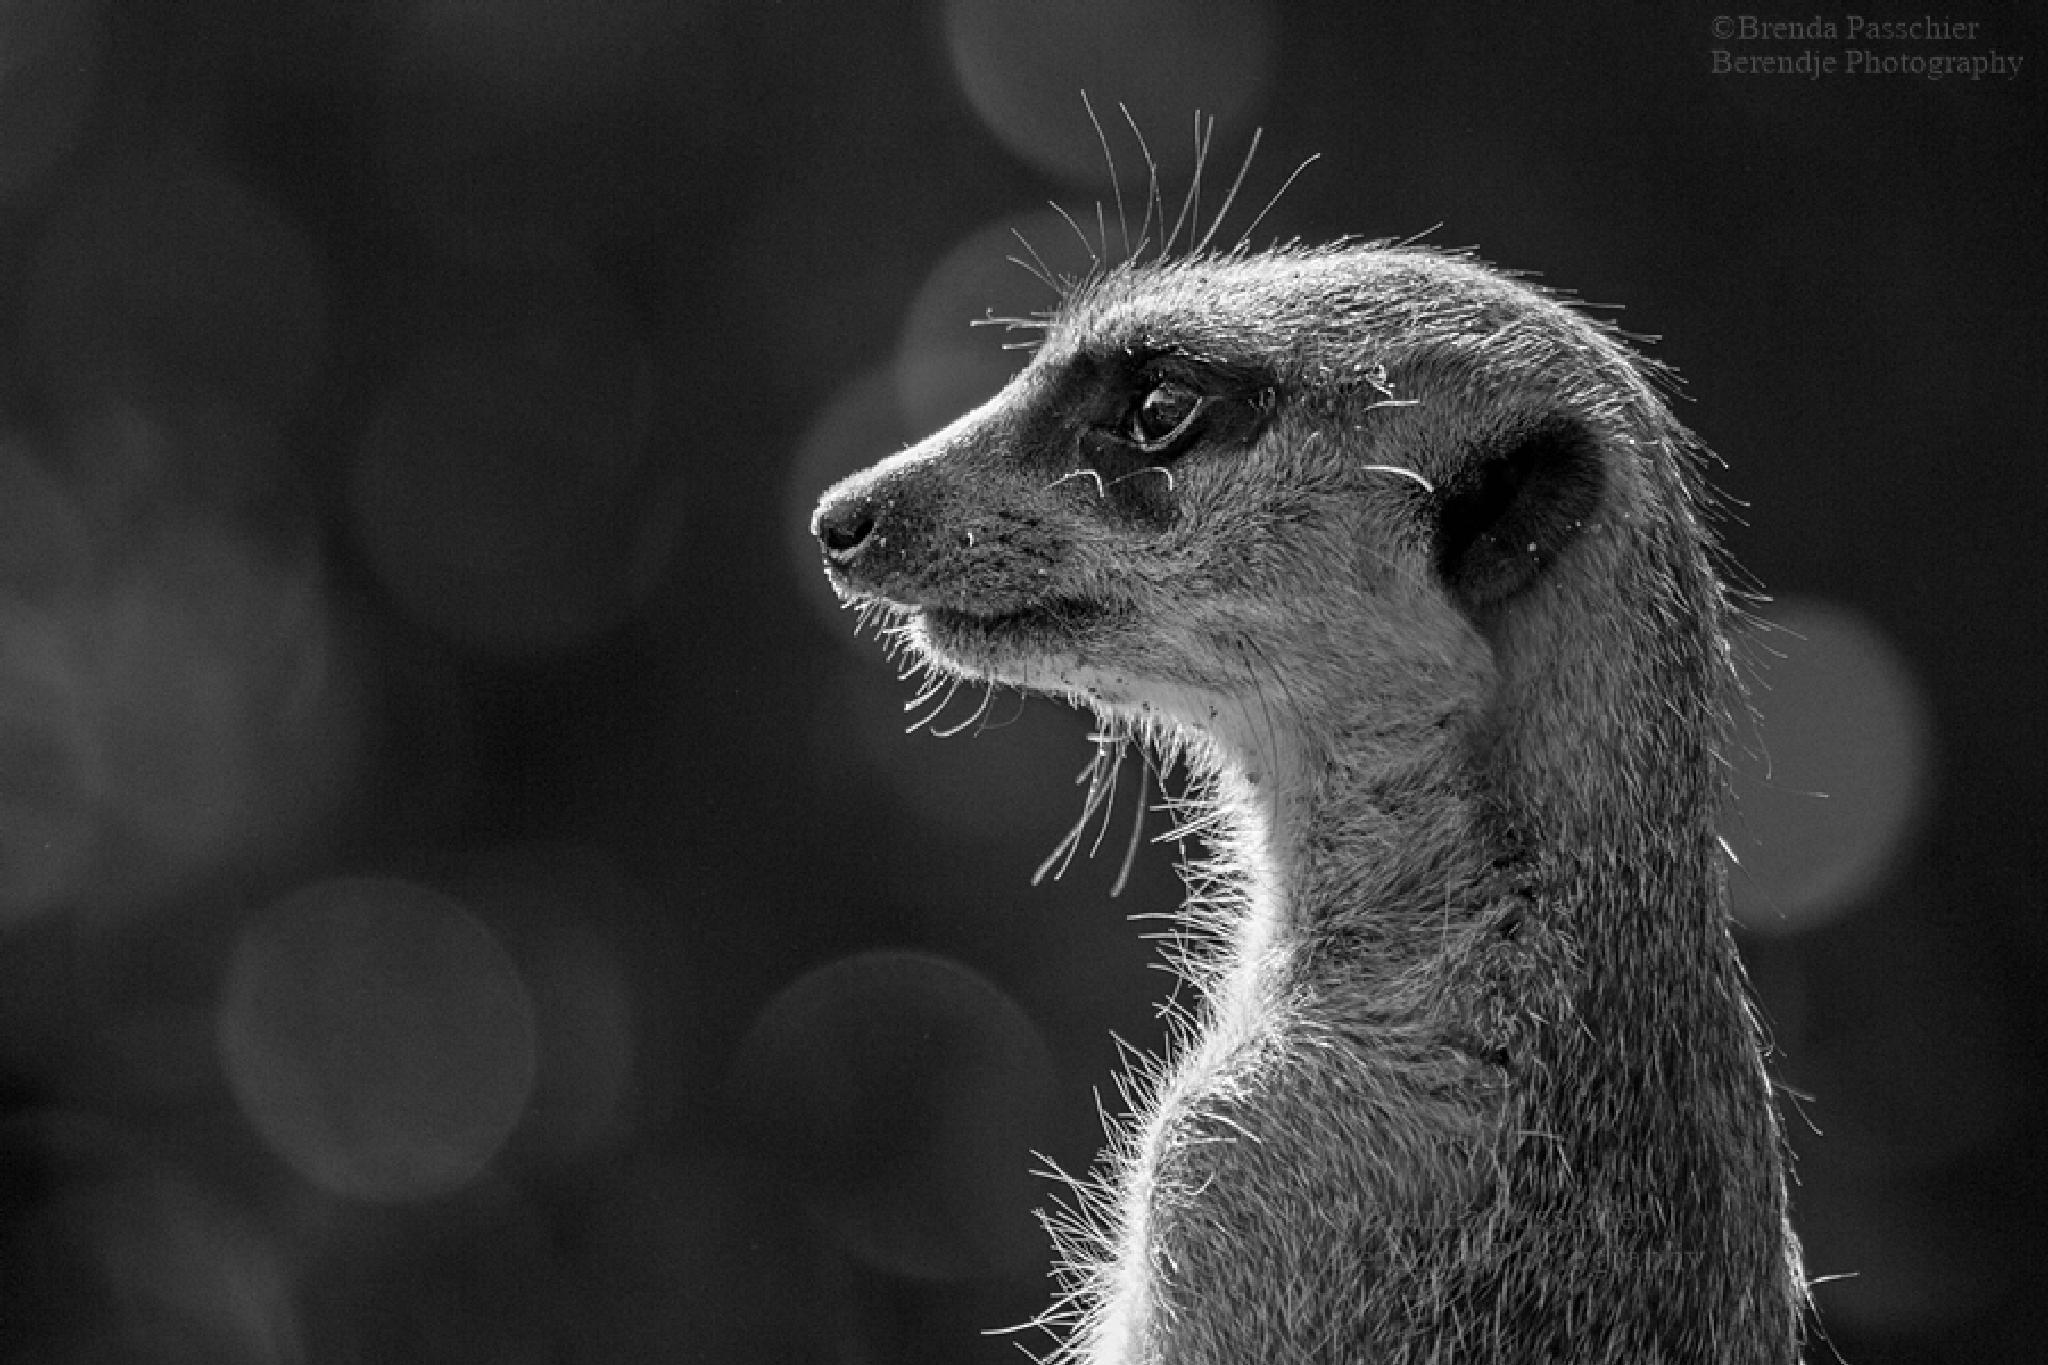 Meerkat by Brenda Passchier